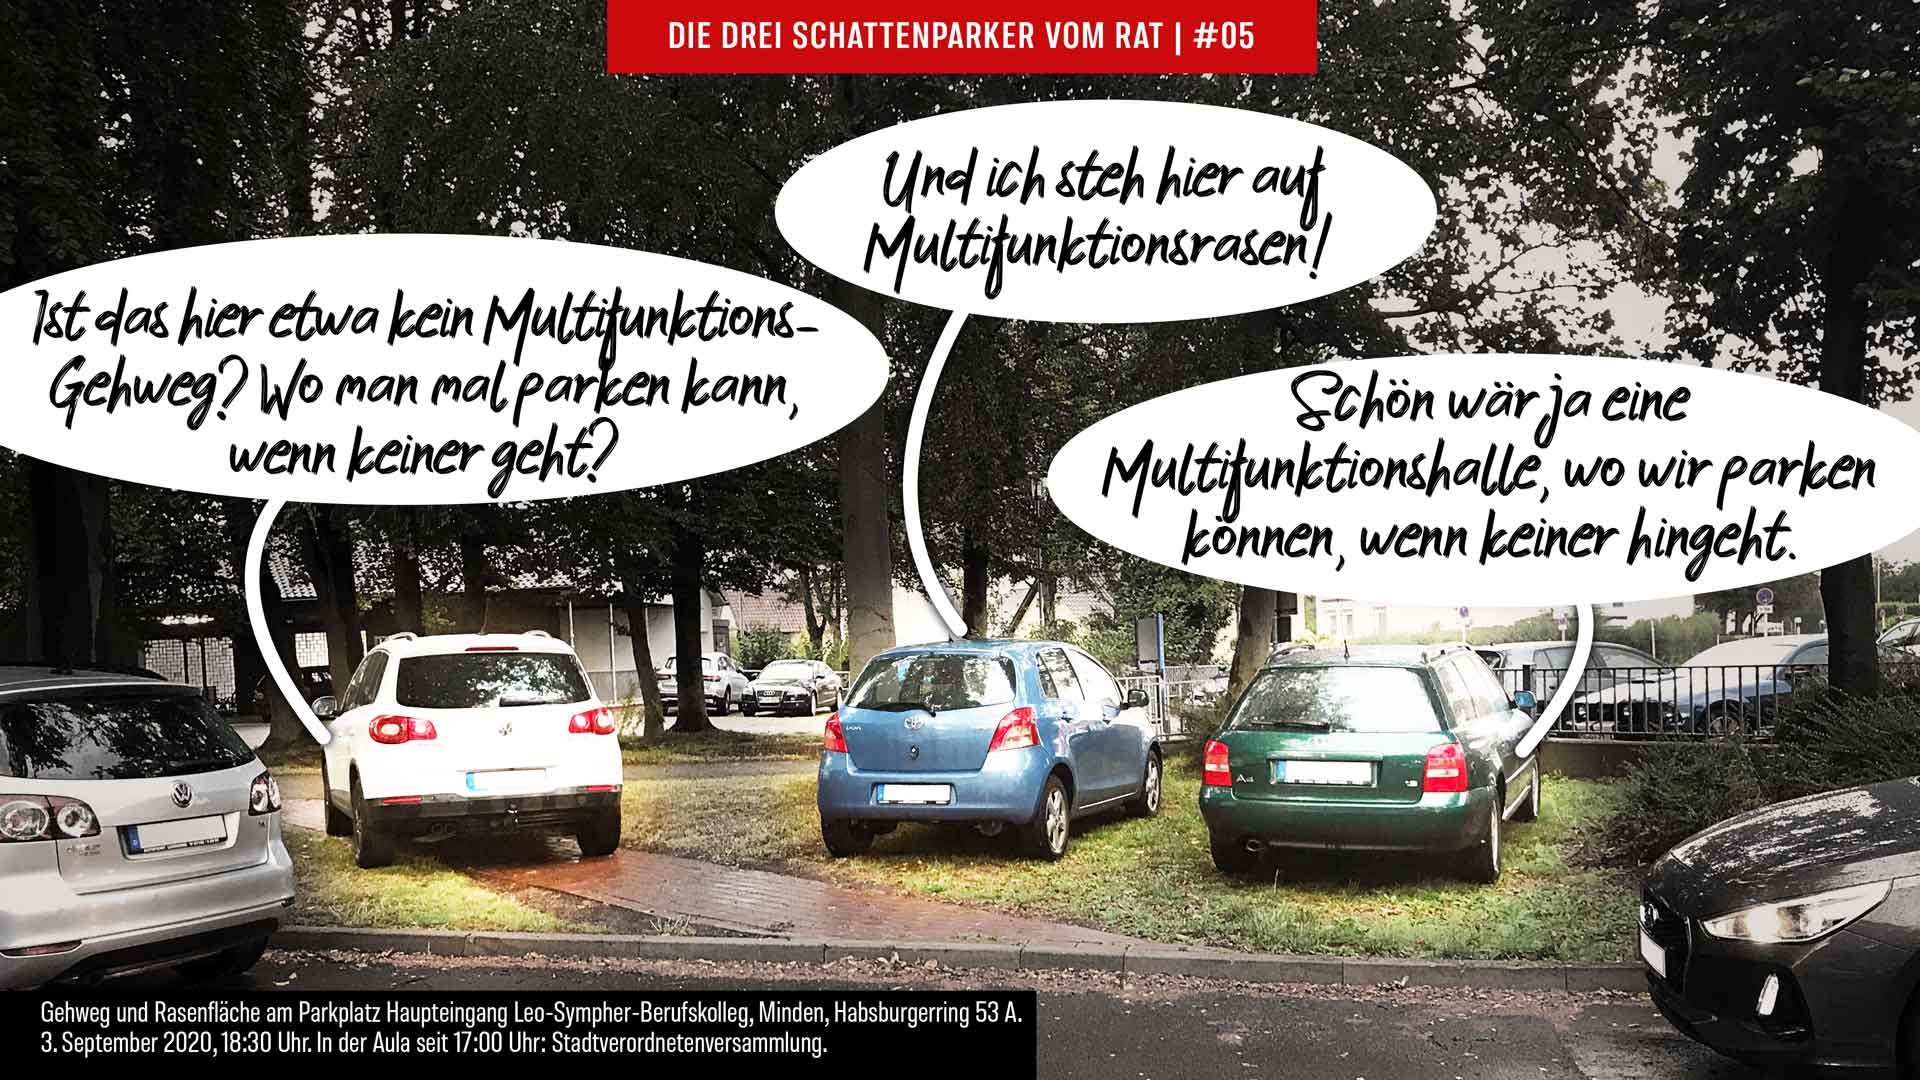 Episode 05 Die drei Schattenparker vom Rat Minden